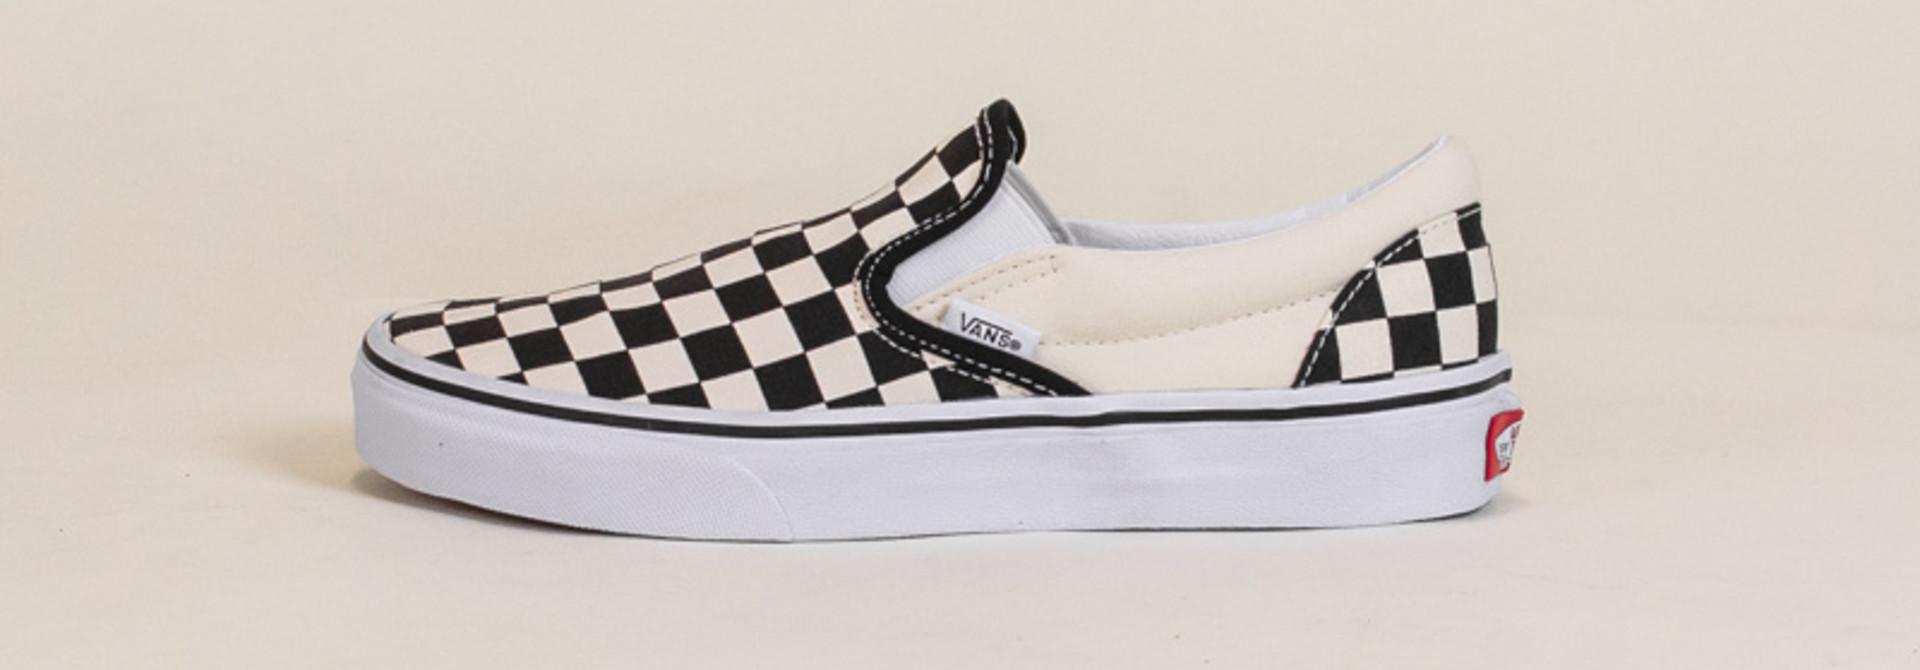 Vans Checkerboard Slip-On - Black/White